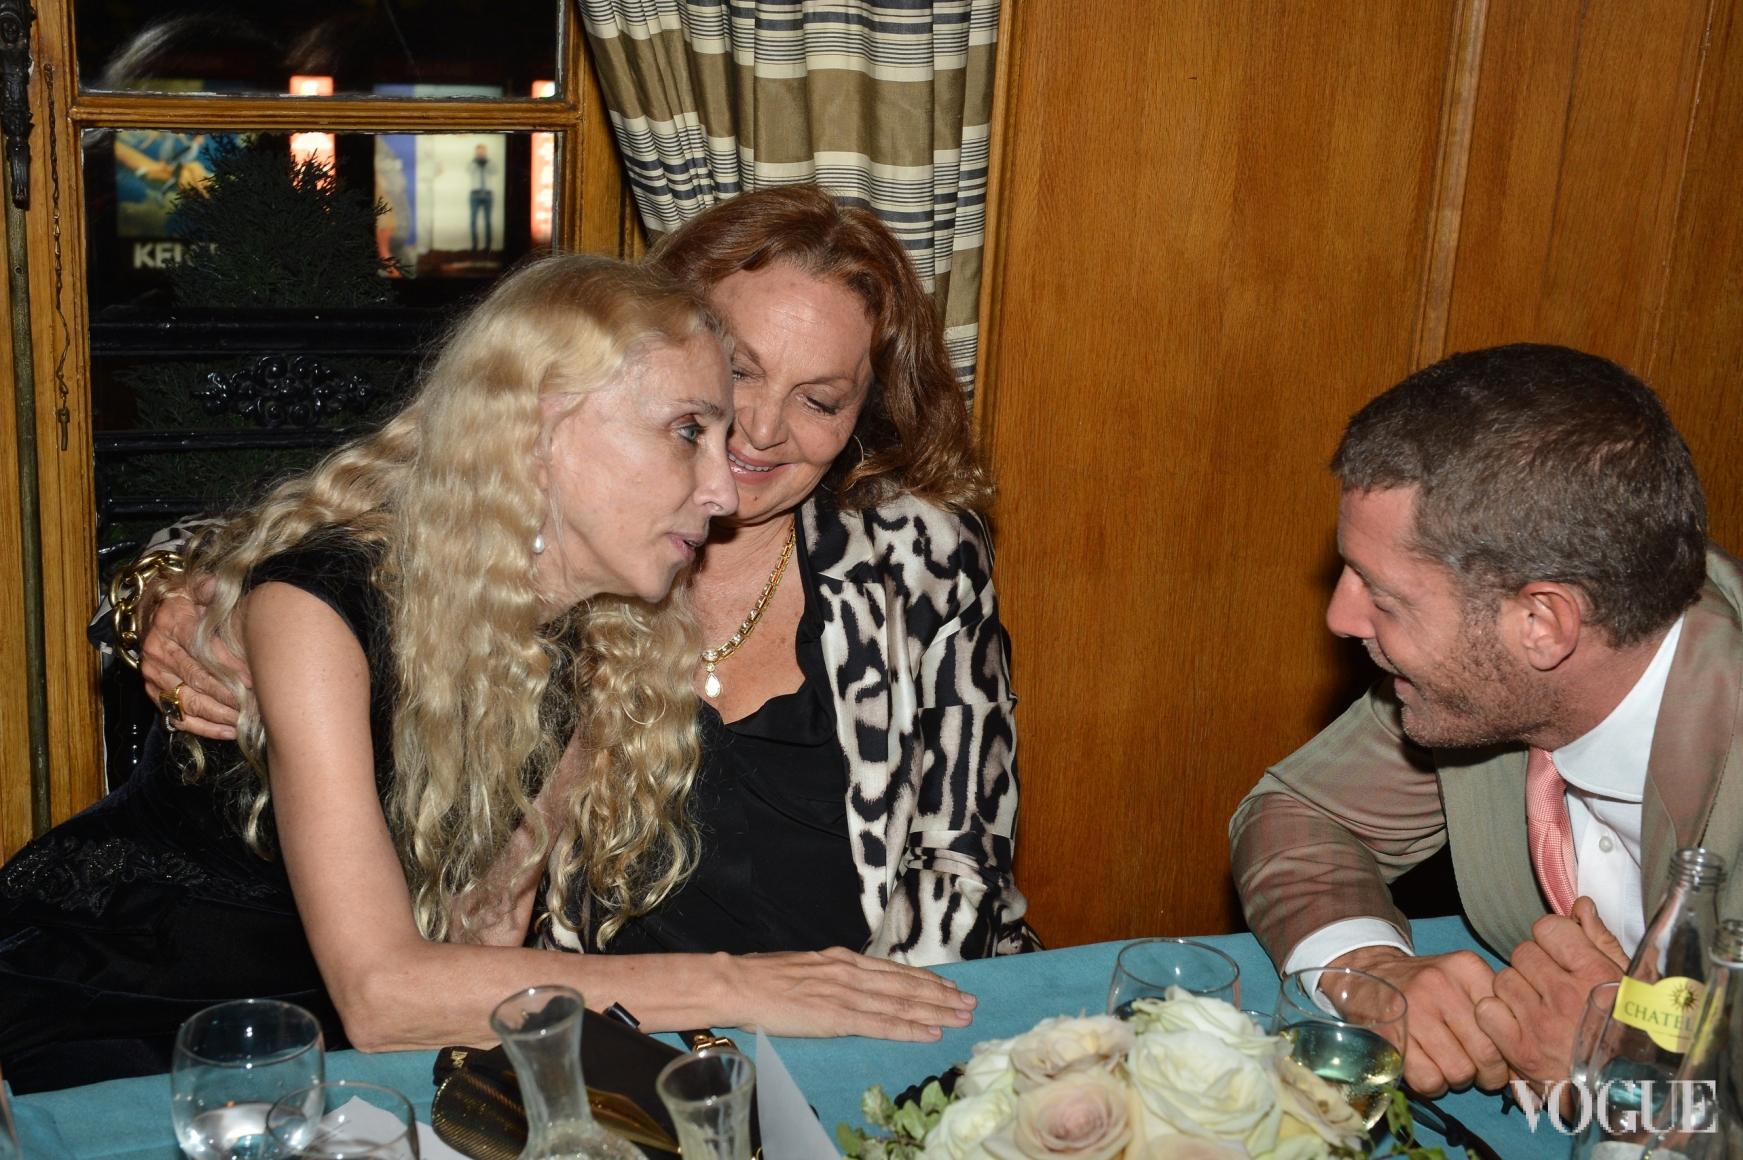 Франка Соццани, Диана фон Фюрстенберг и Лапо Элканн